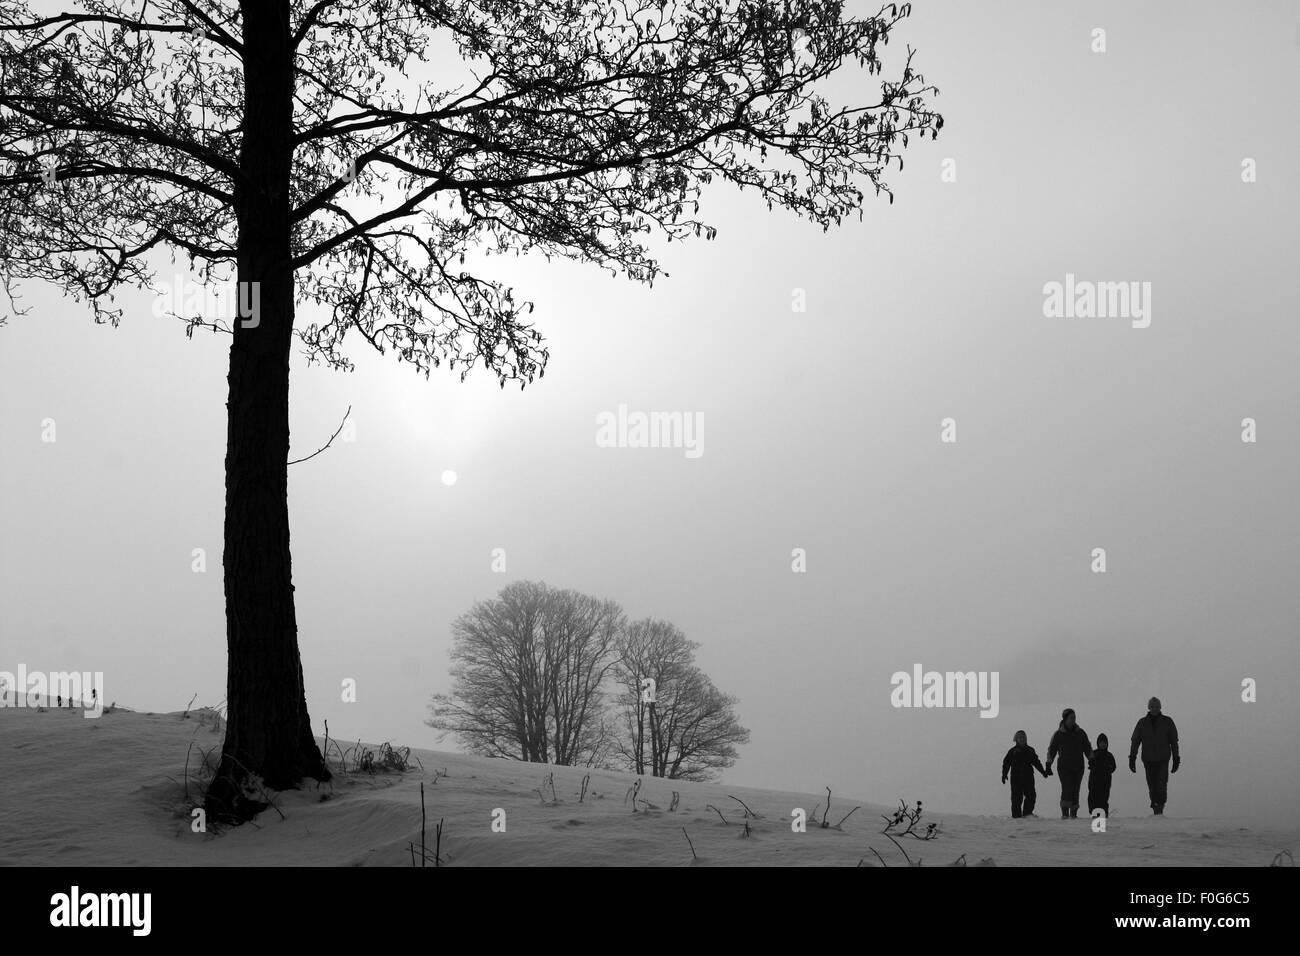 En el sol de la mañana en invierno en Dinamarca, un campo con árboles de niebla y nieve Imagen De Stock